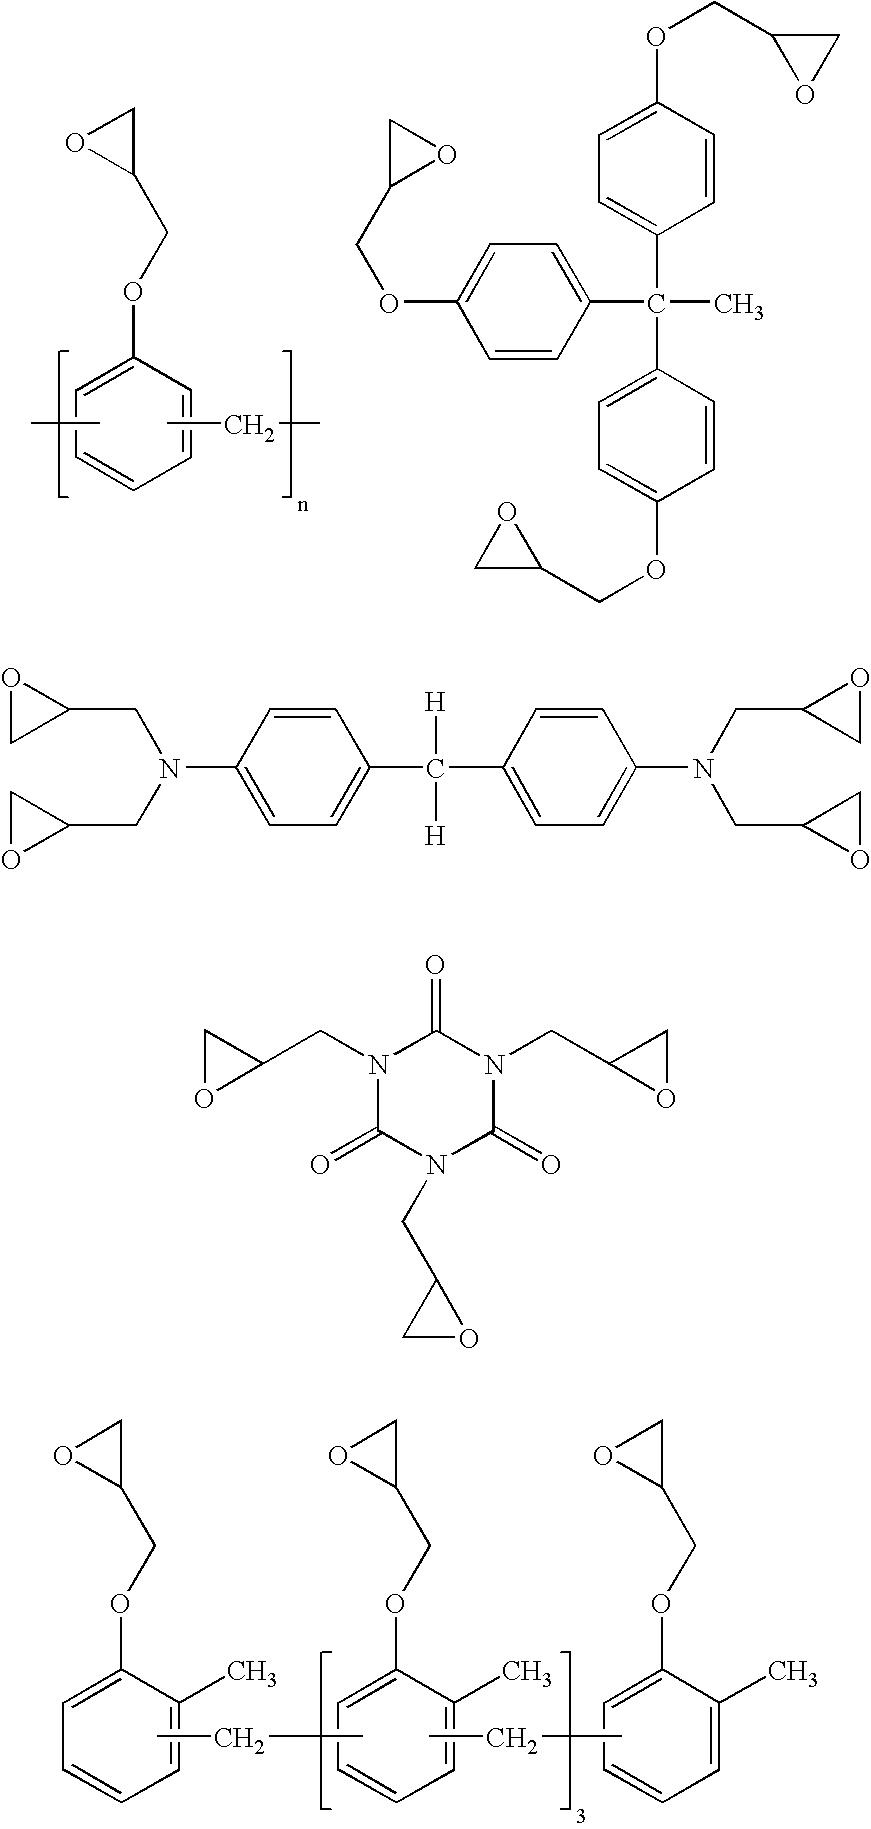 Figure US20060052547A1-20060309-C00007